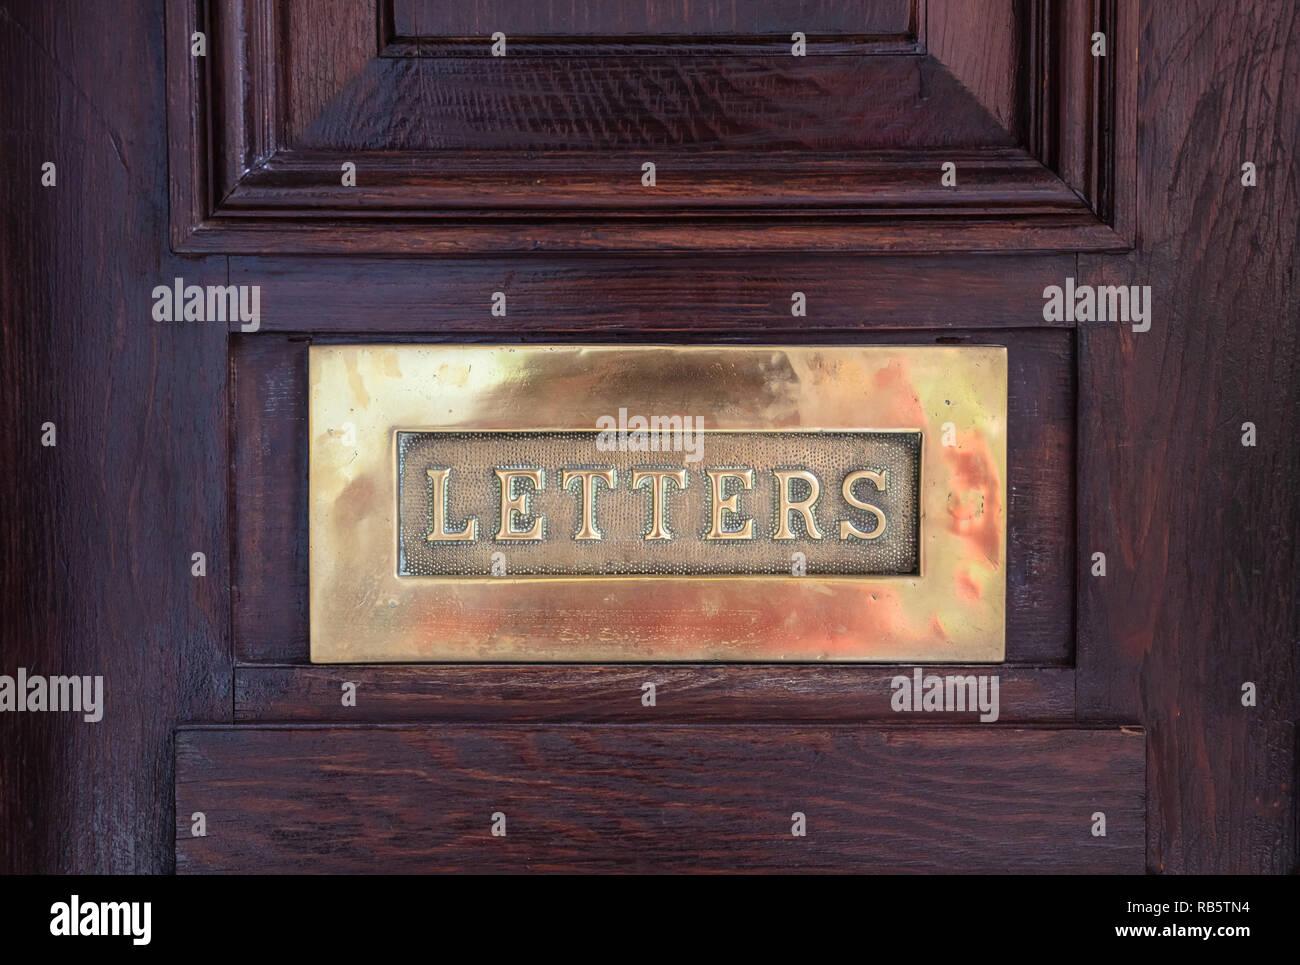 Bronze Mailbox. Messing Briefkasten Platte auf einer hölzernen Tür, Text schreiben. Detailansicht mit Details Stockbild